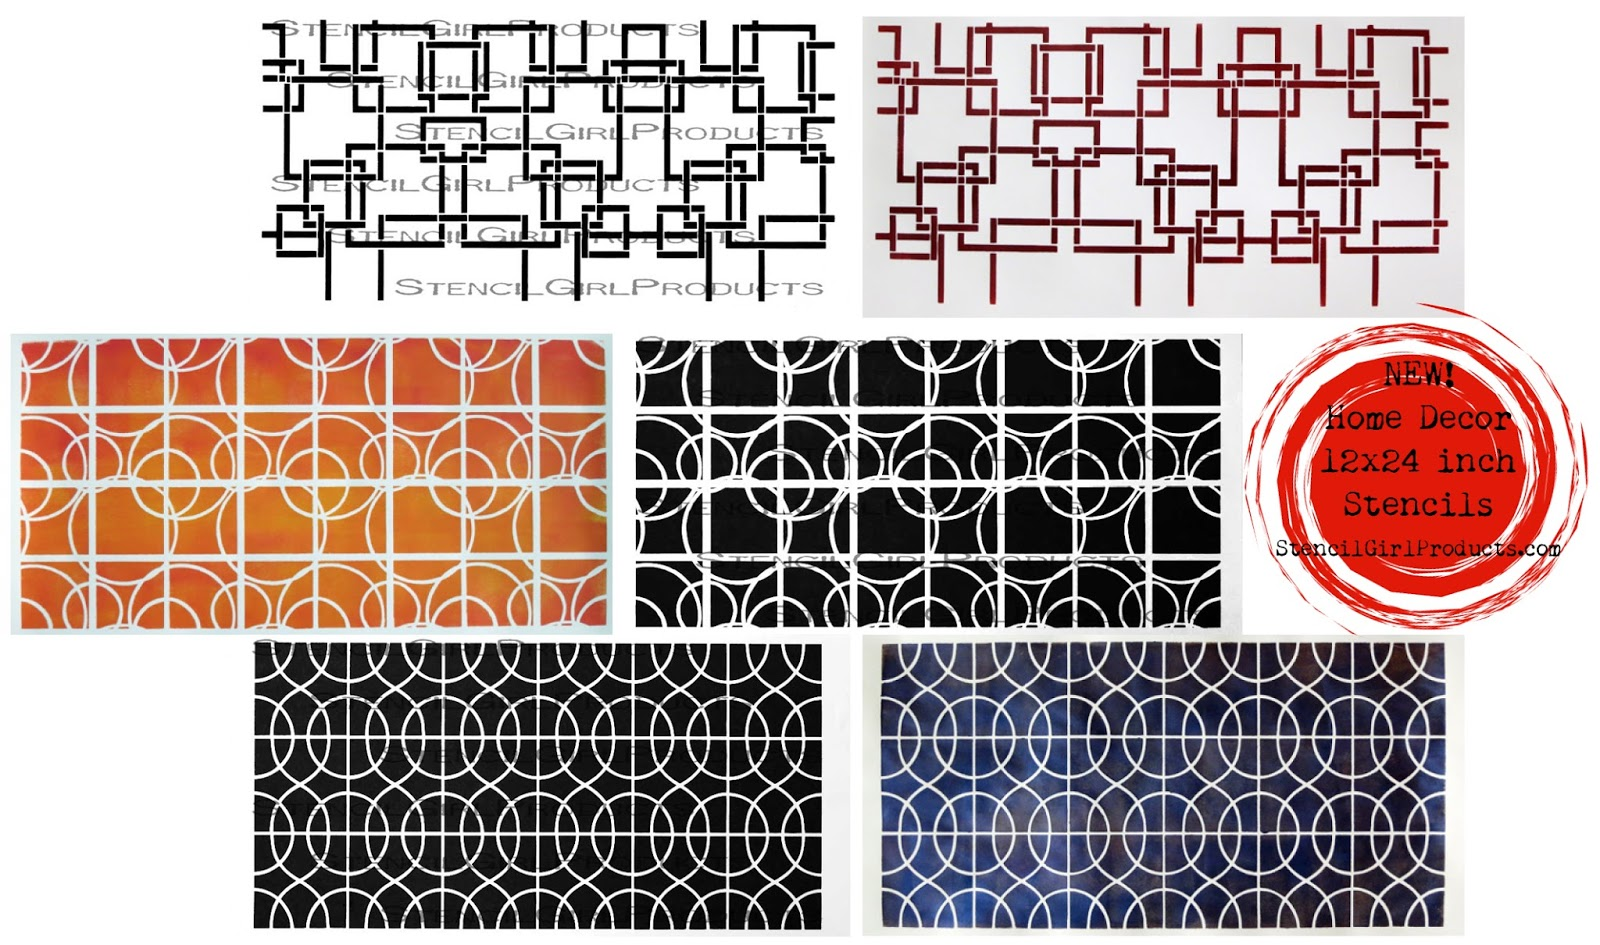 StencilGirl Talk: One Dozen Gorgeous NEW StencilGirl Home